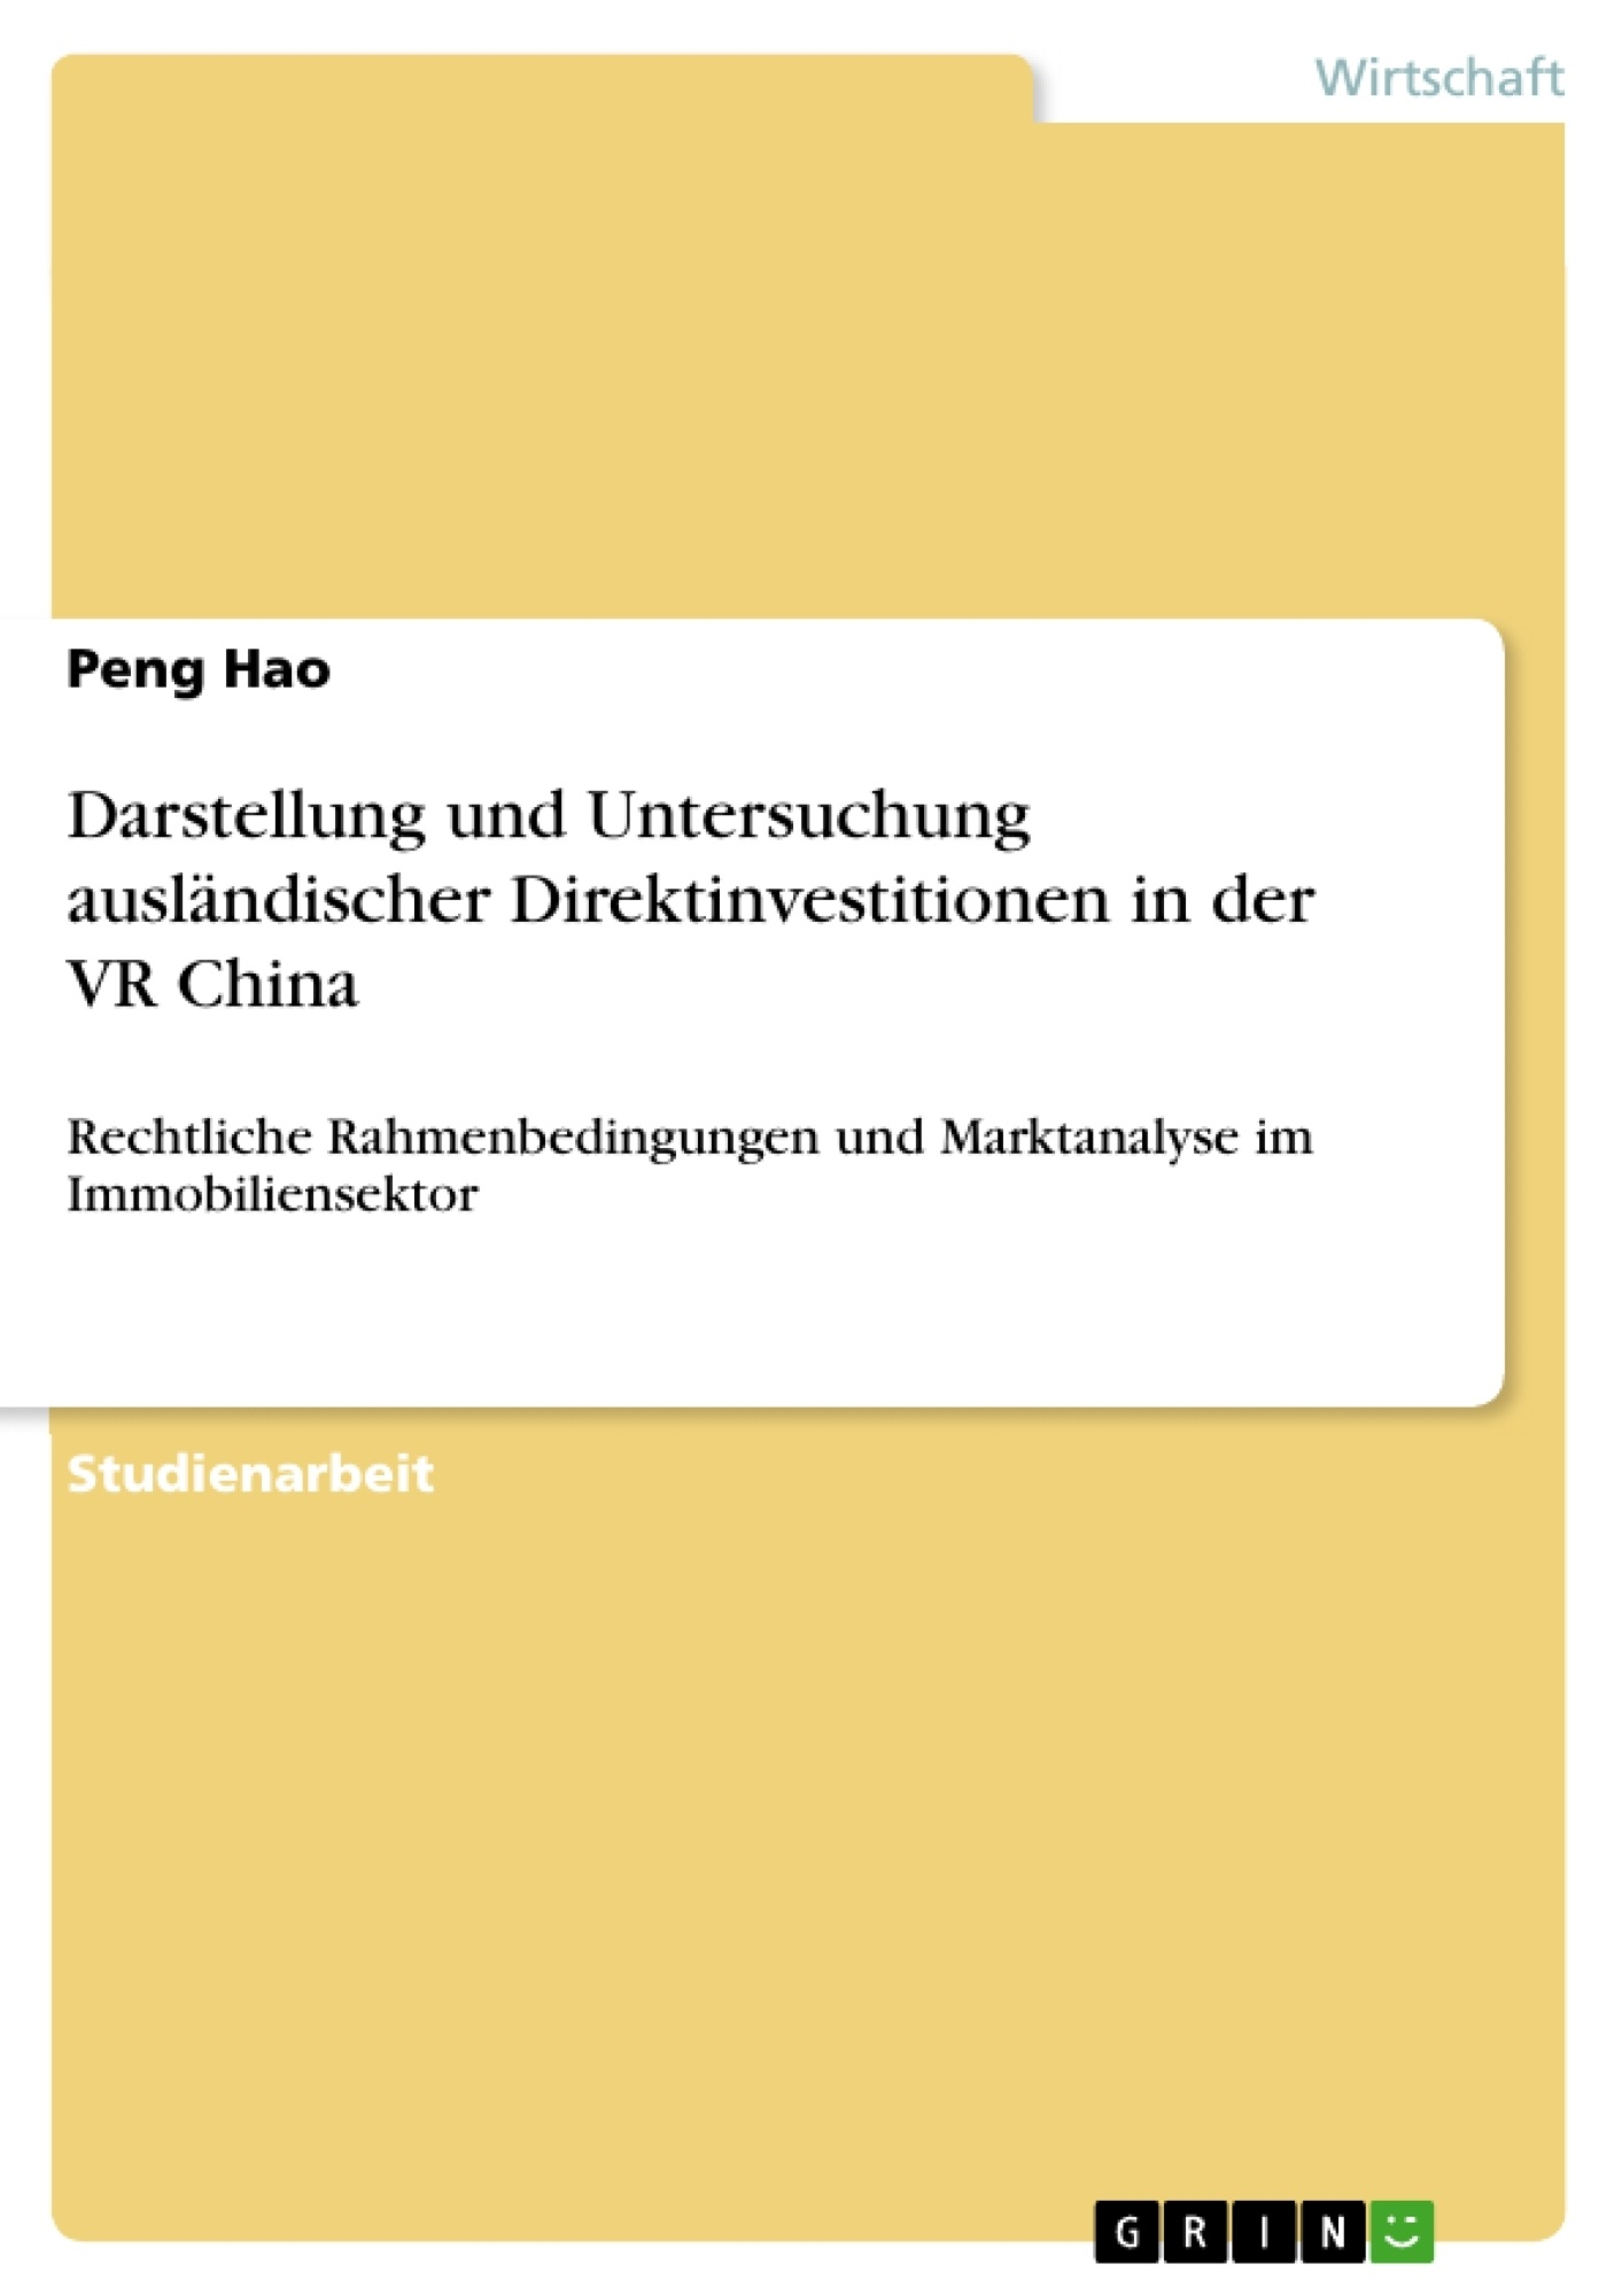 Titel: Darstellung und Untersuchung ausländischer Direktinvestitionen in der VR China